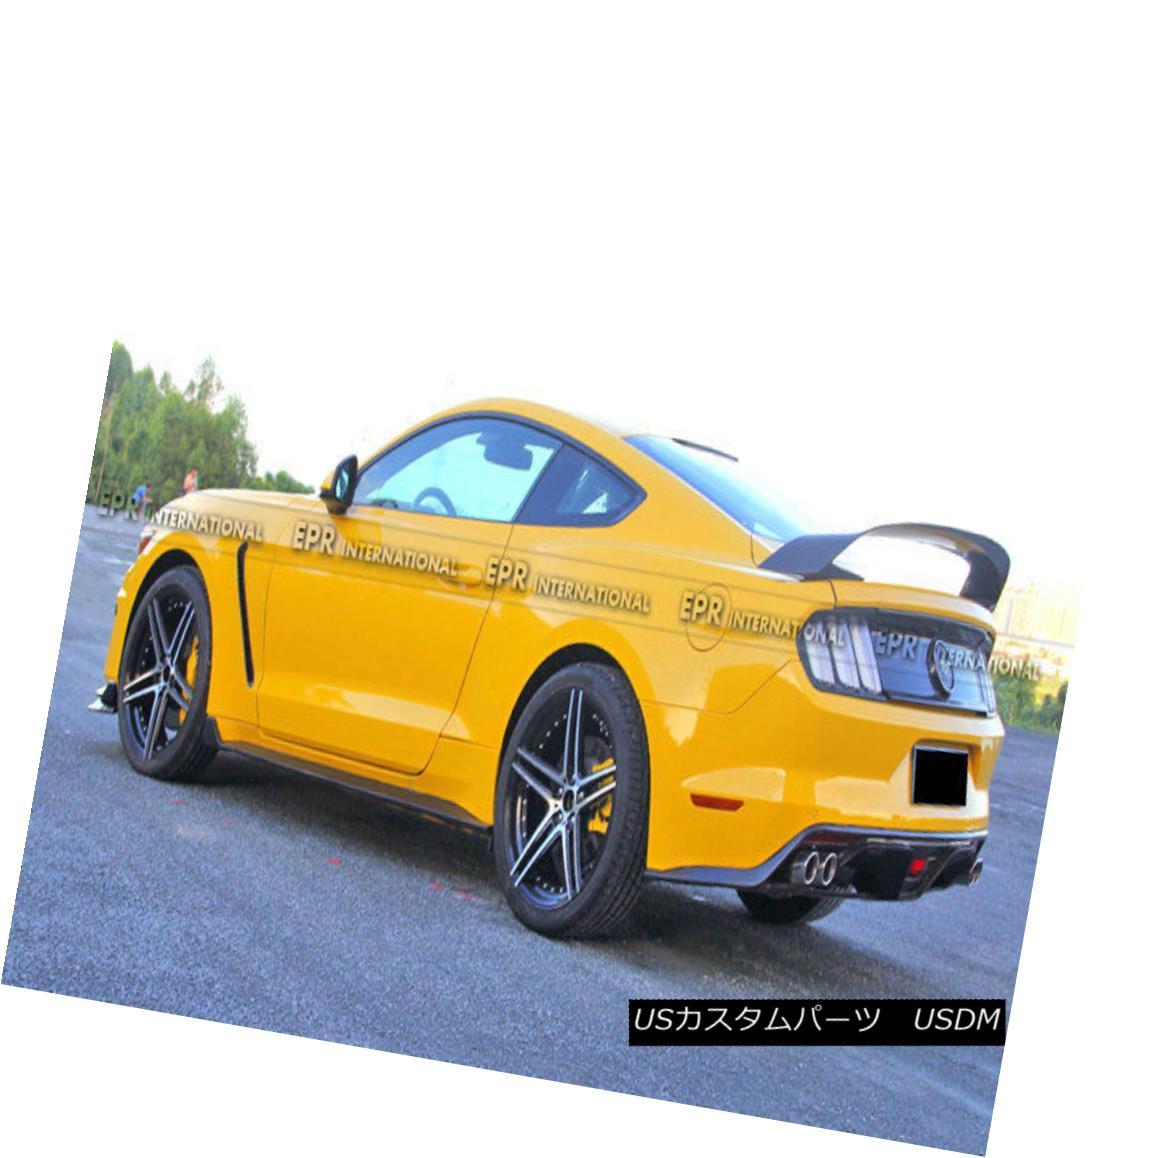 エアロパーツ Carbon Fiber For Ford 2015 Mustang GT350R Rear Trunk Spoiler Wing Refit Bodykits Ford 2015 Mustang GT350Rリアトランク・スポイラー用カーボンファイバーウイングリファイットボディキット